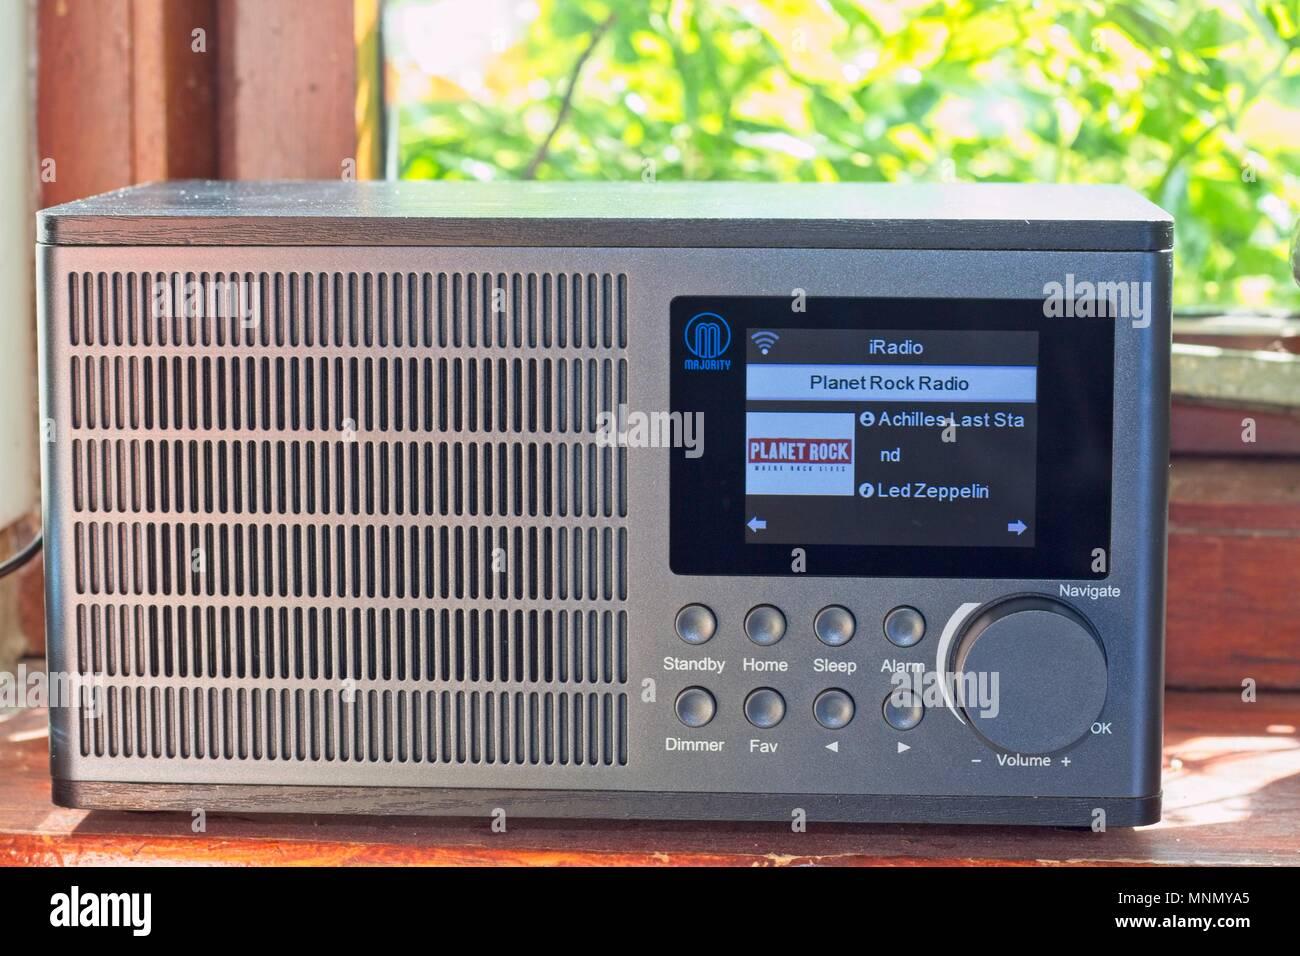 La radio Internet sur un rebord de fenêtre de cuisine, à l'écoute de Planet Rock, travailler hors connexion Wi-Fi au réseau local domestique Photo Stock